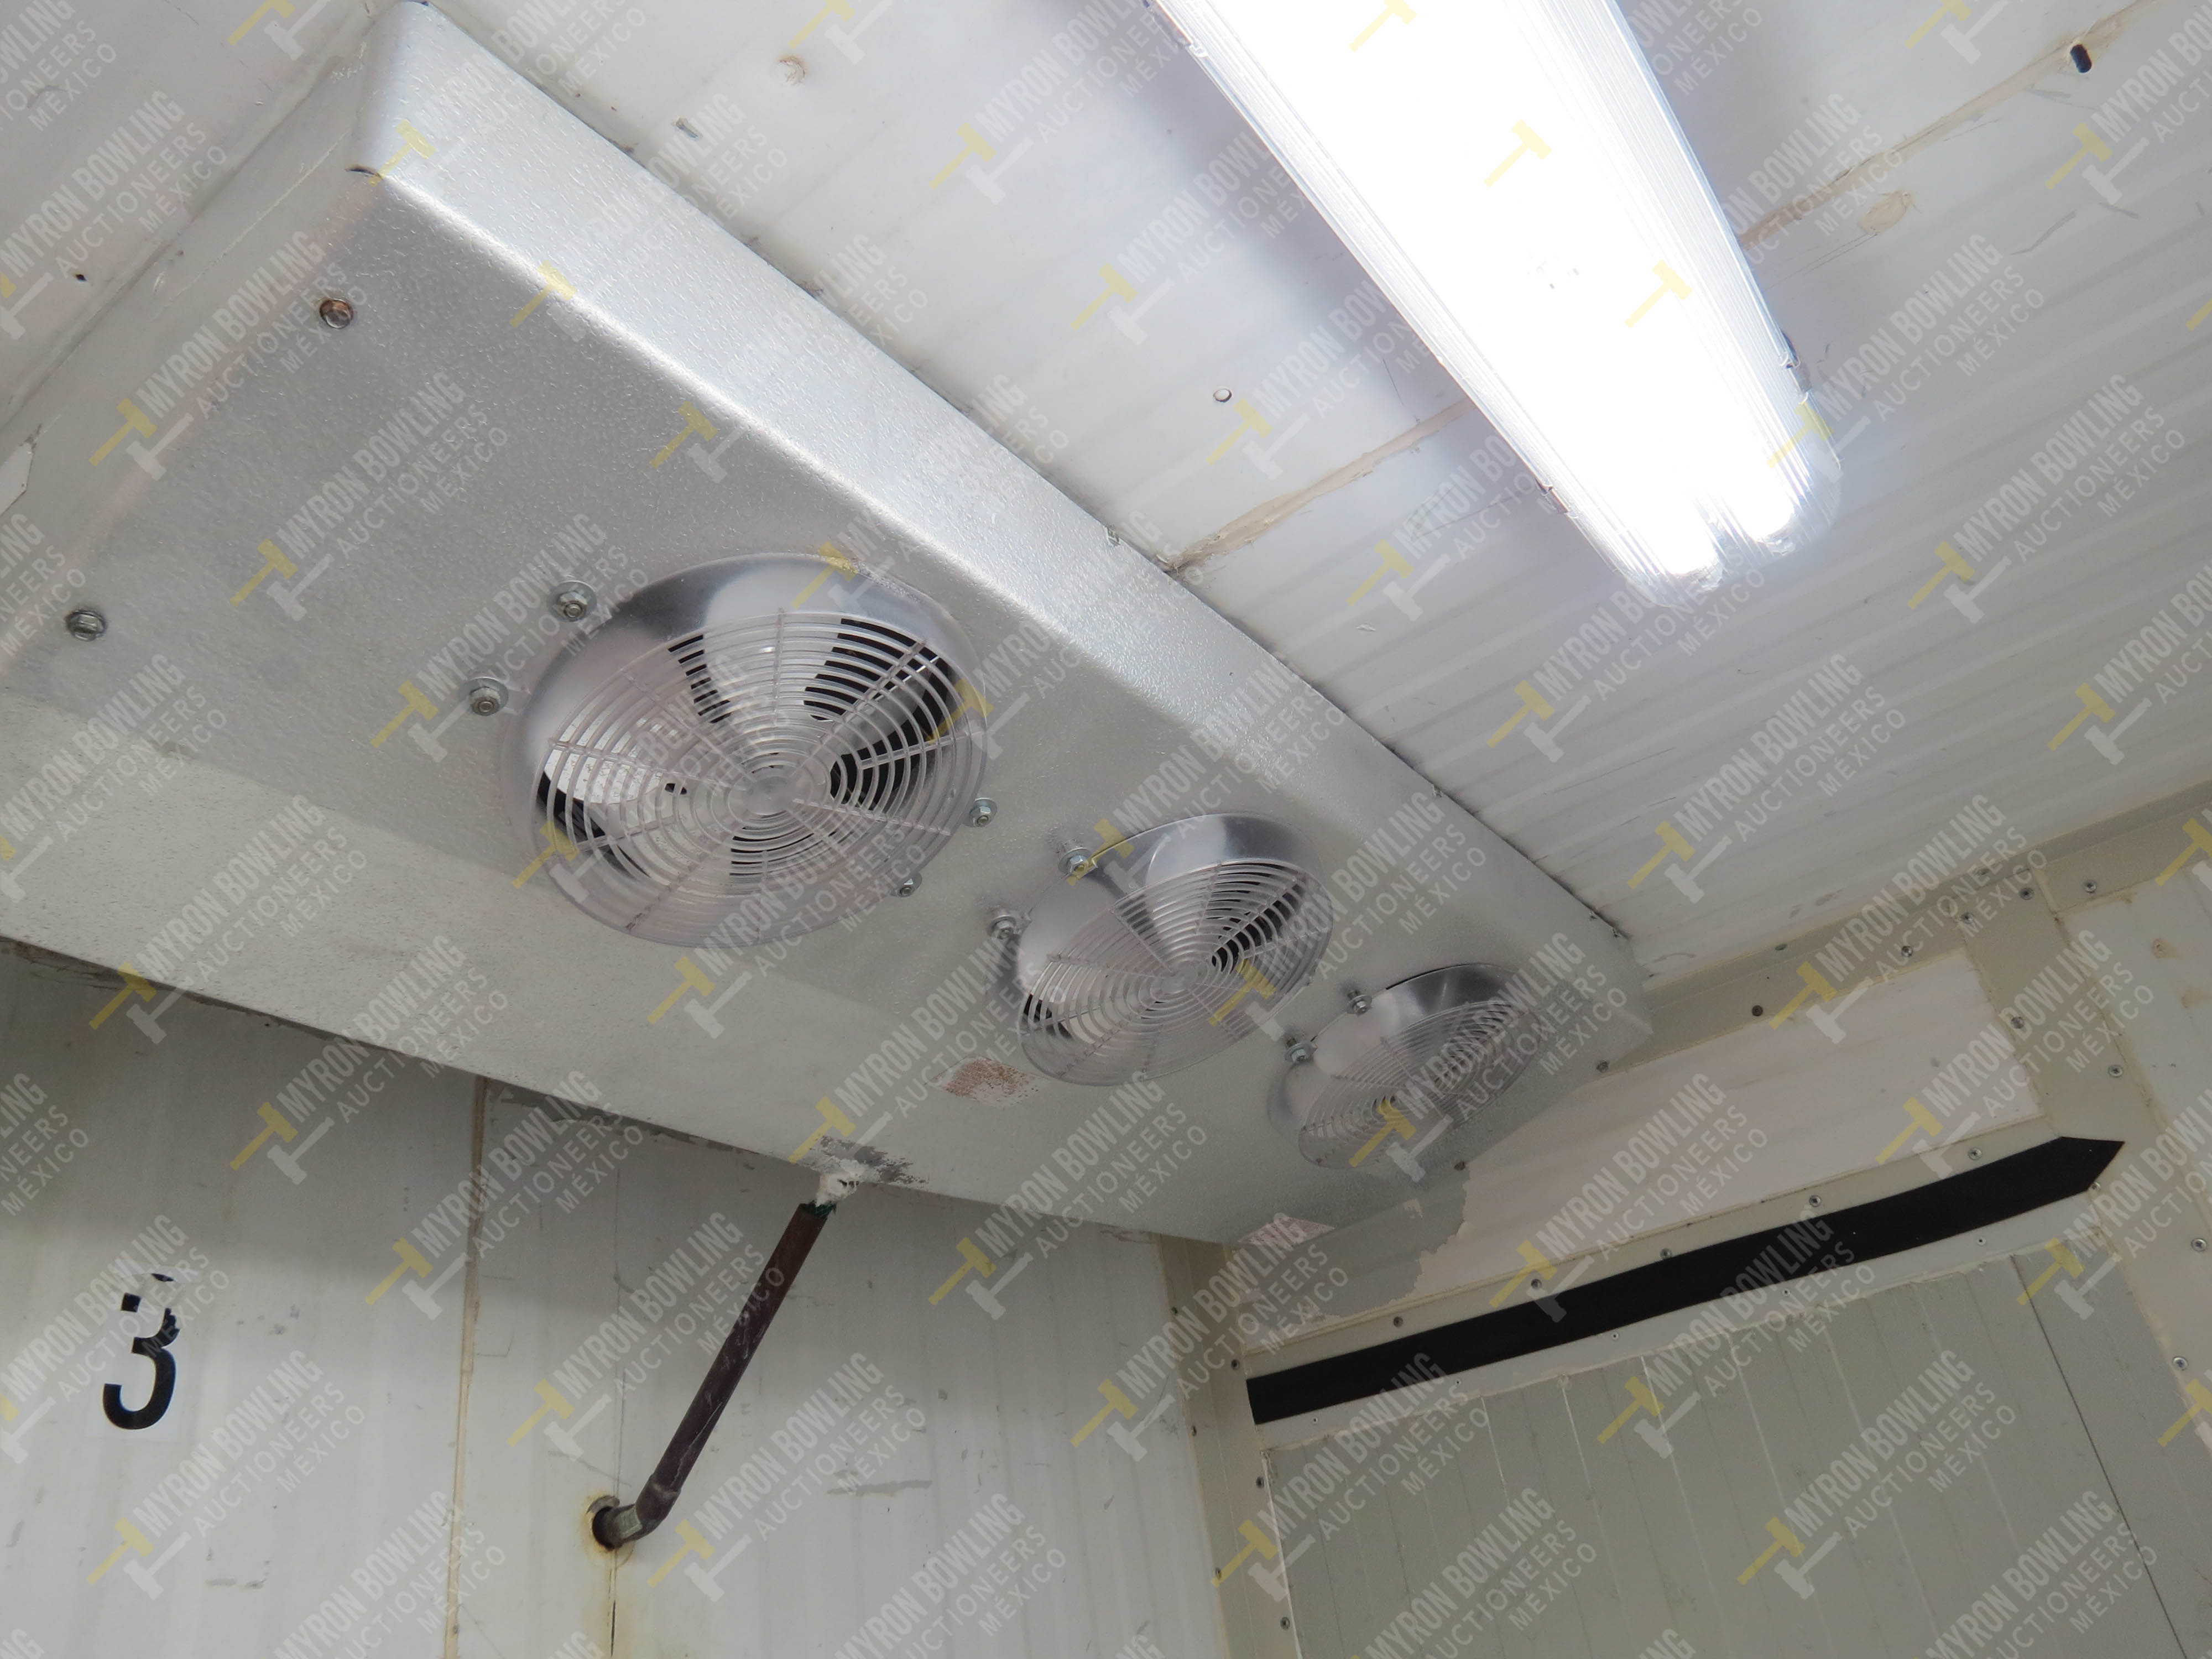 Cámara de conservación de alimentos marca Heatcraft, Modelo TL53BG, No. de Serie D07C01703 - Image 3 of 4